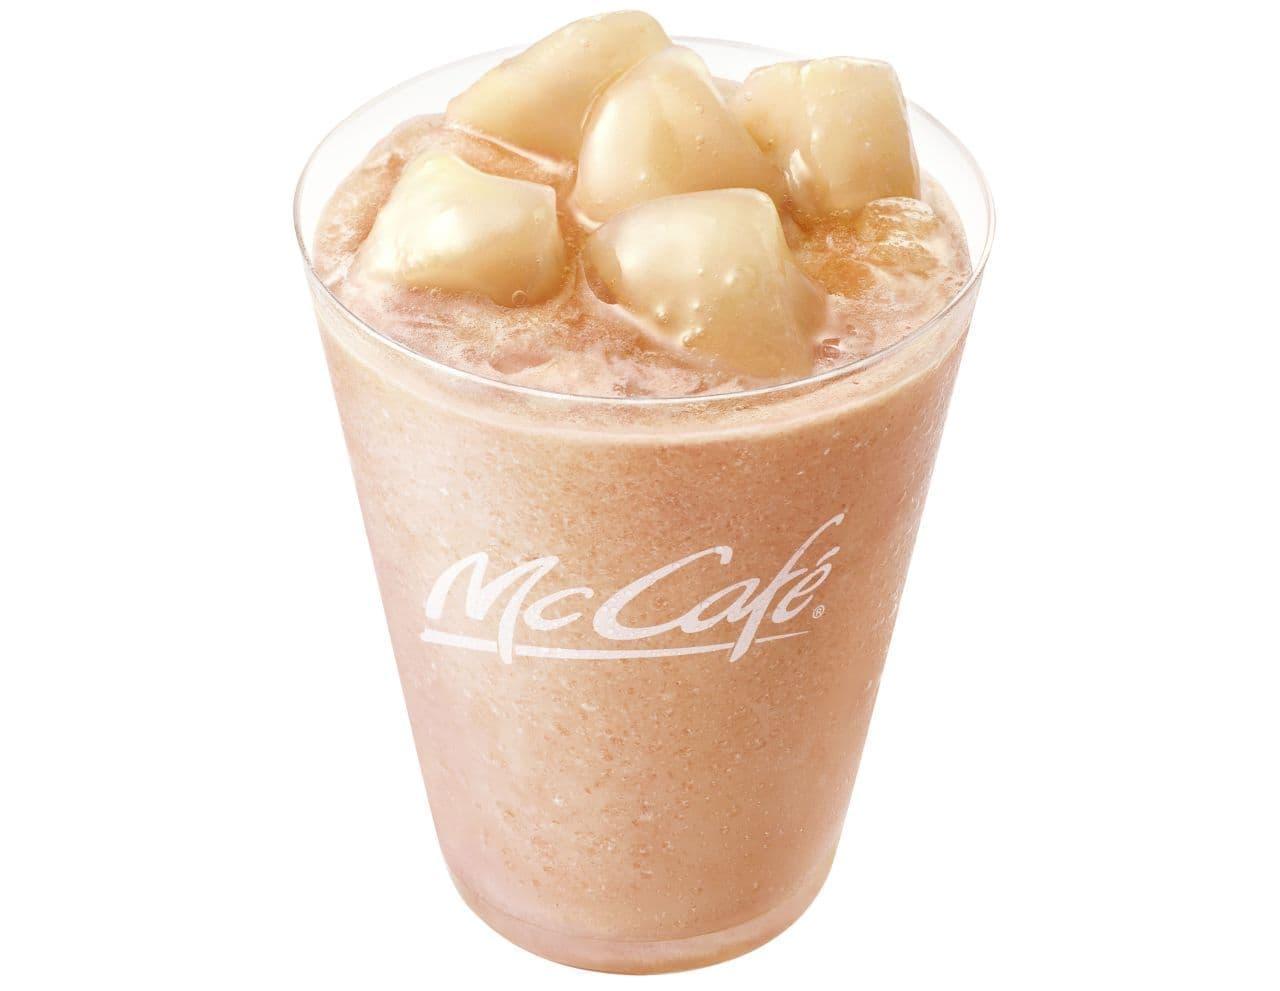 マクドナルドのマックカフェ「ごろっと もものスムージー」